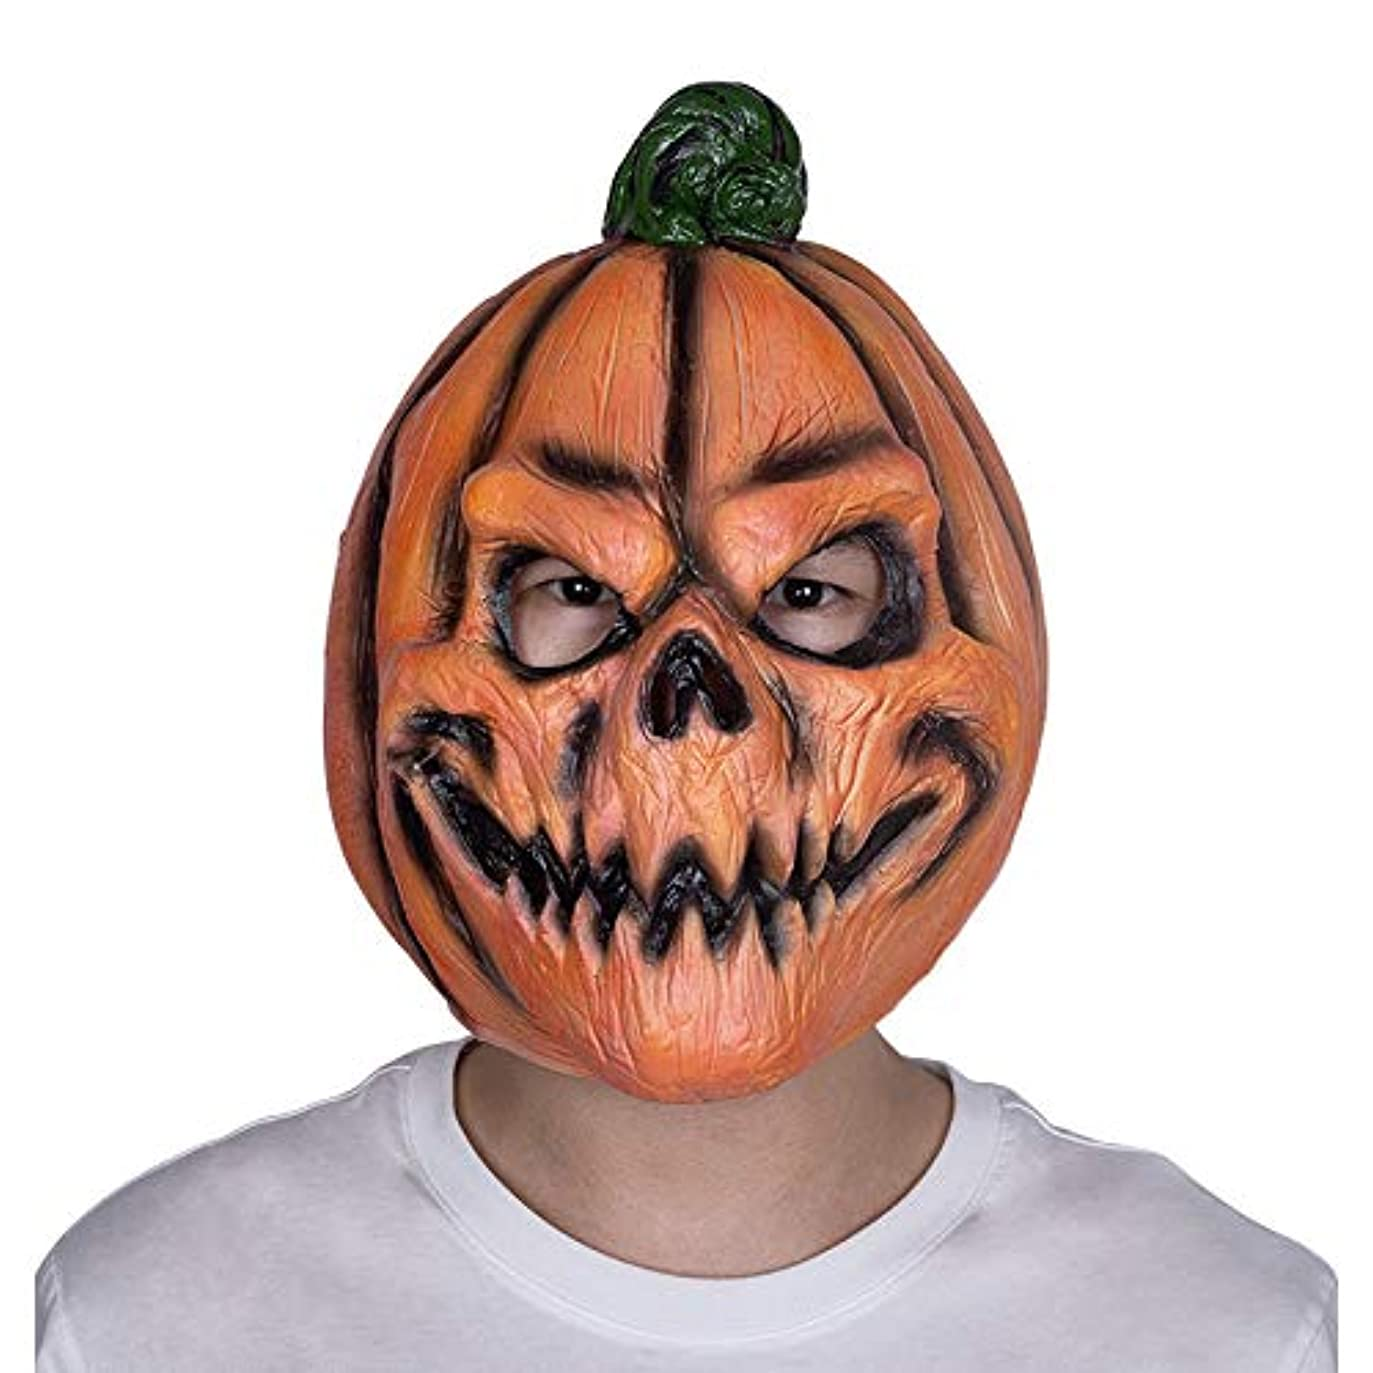 コーデリア特異性花瓶ハロウィーンパンプキンヘッドカバーラテックス恐怖ダンスパーティーカーニバルパーティーおかしいが、ヨーロッパやアメリカをマスクマスク